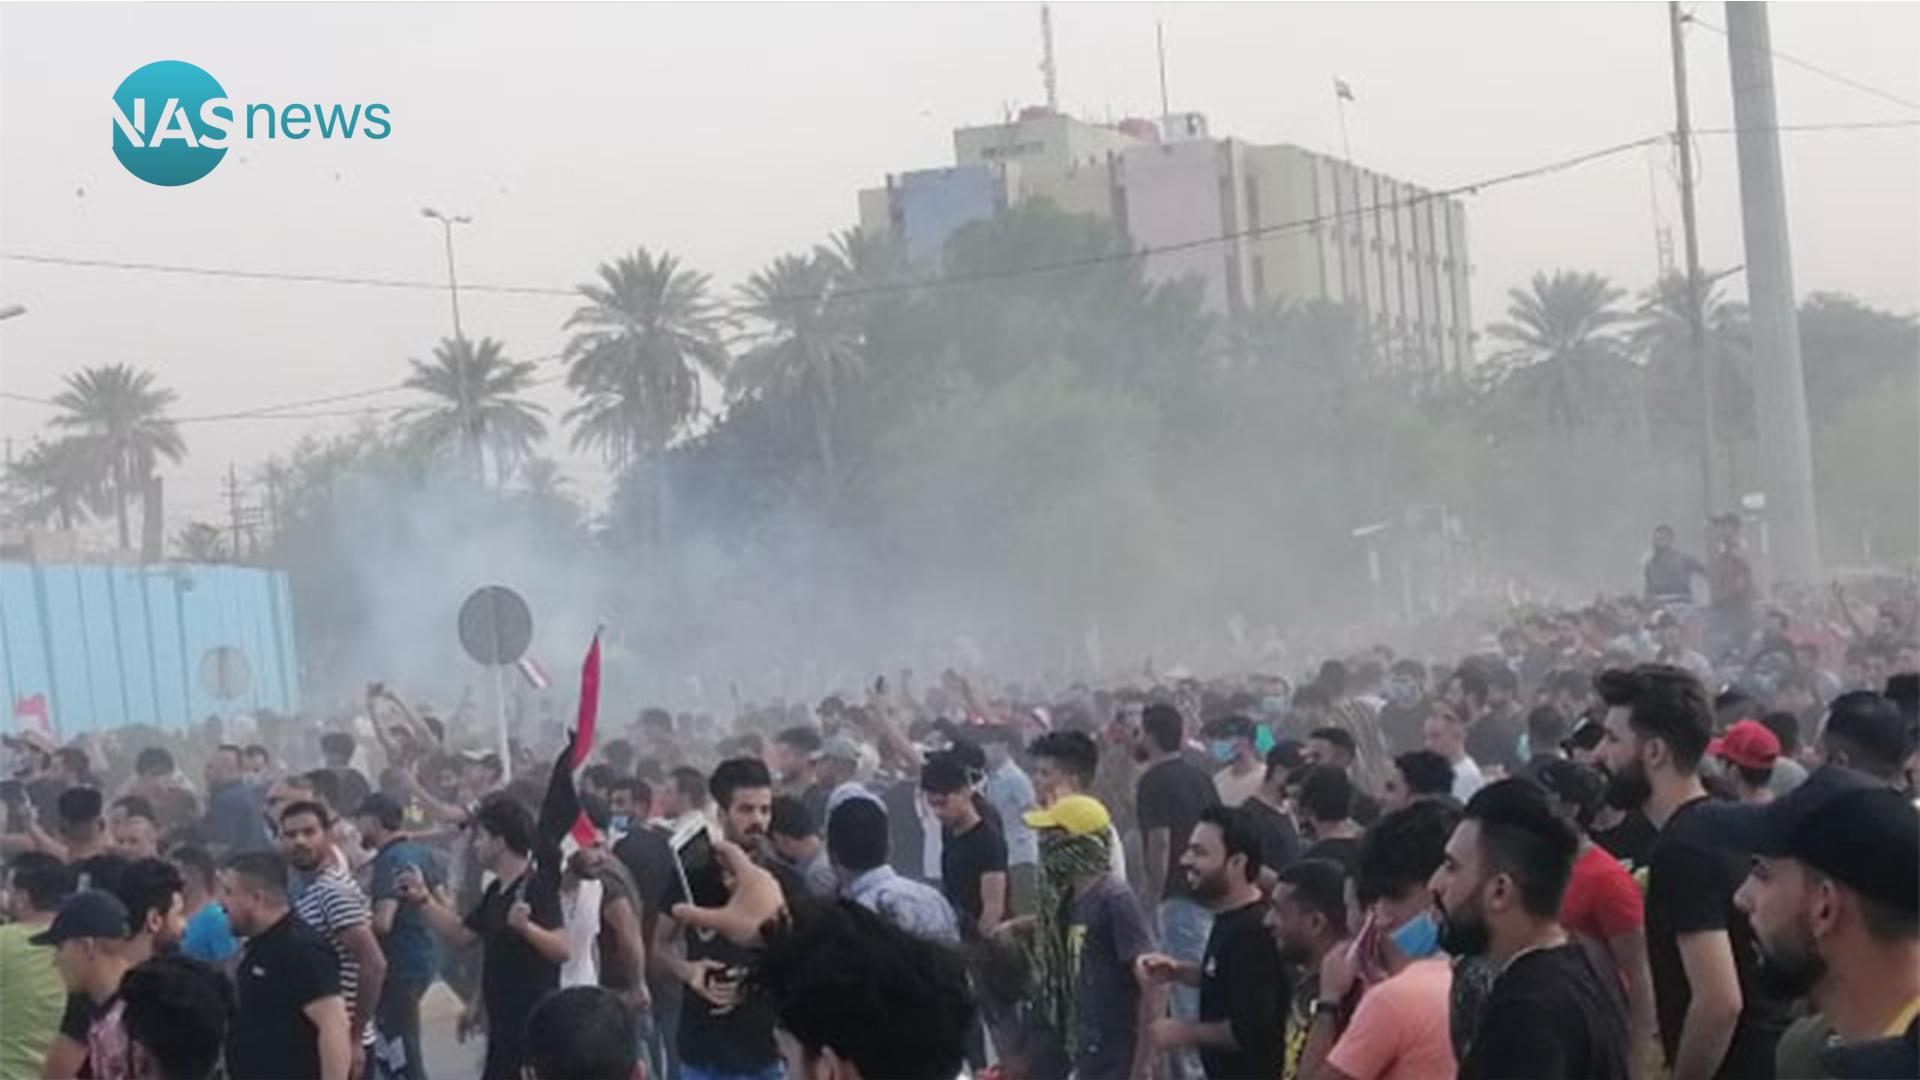 هروب مسؤول متهم بقمع التظاهرات إلى جهة مجهولة